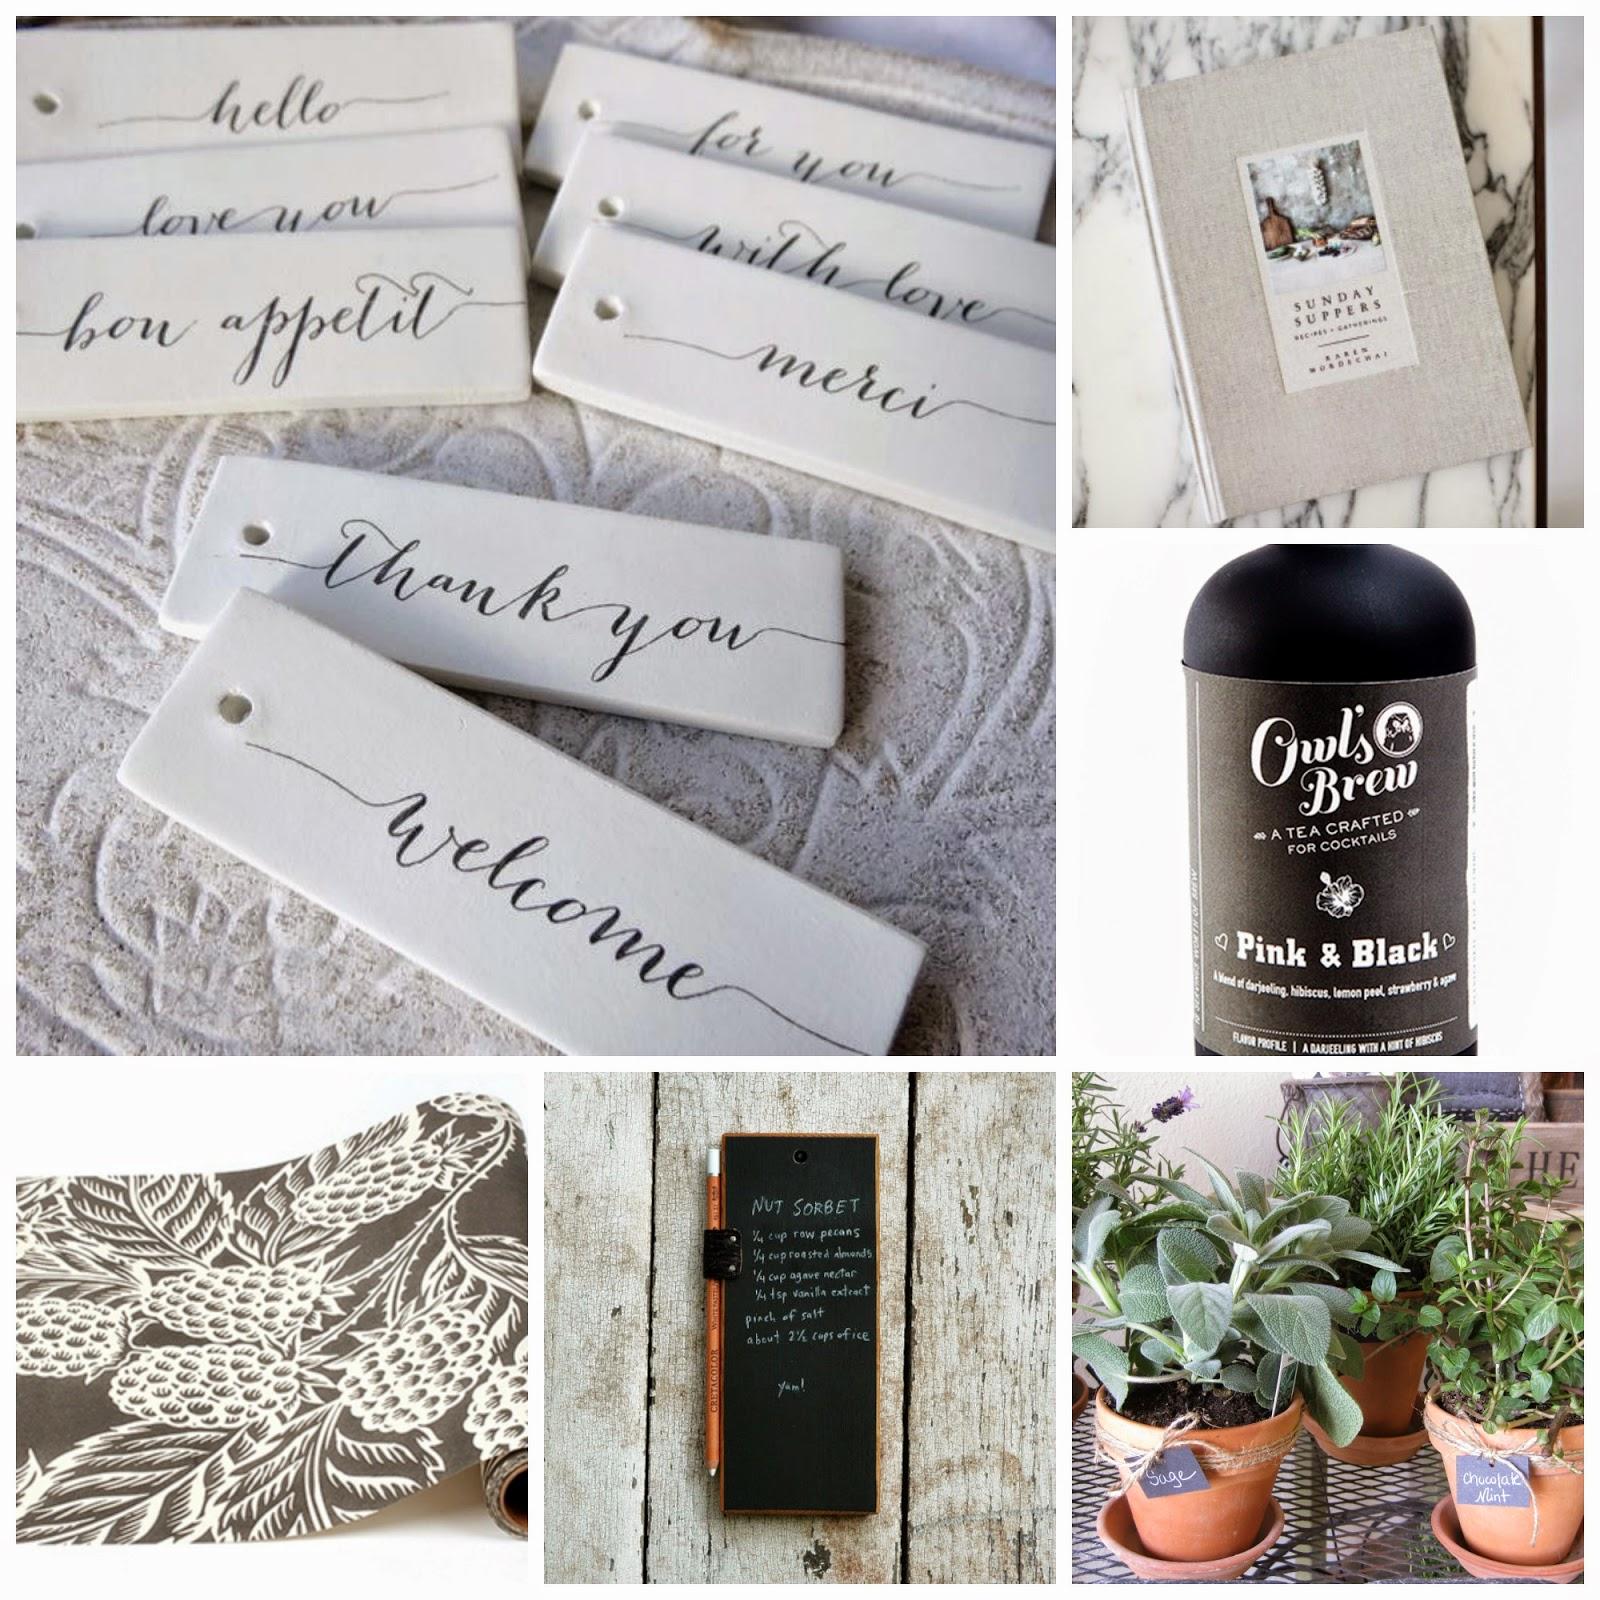 the Olive Basket Market Finds